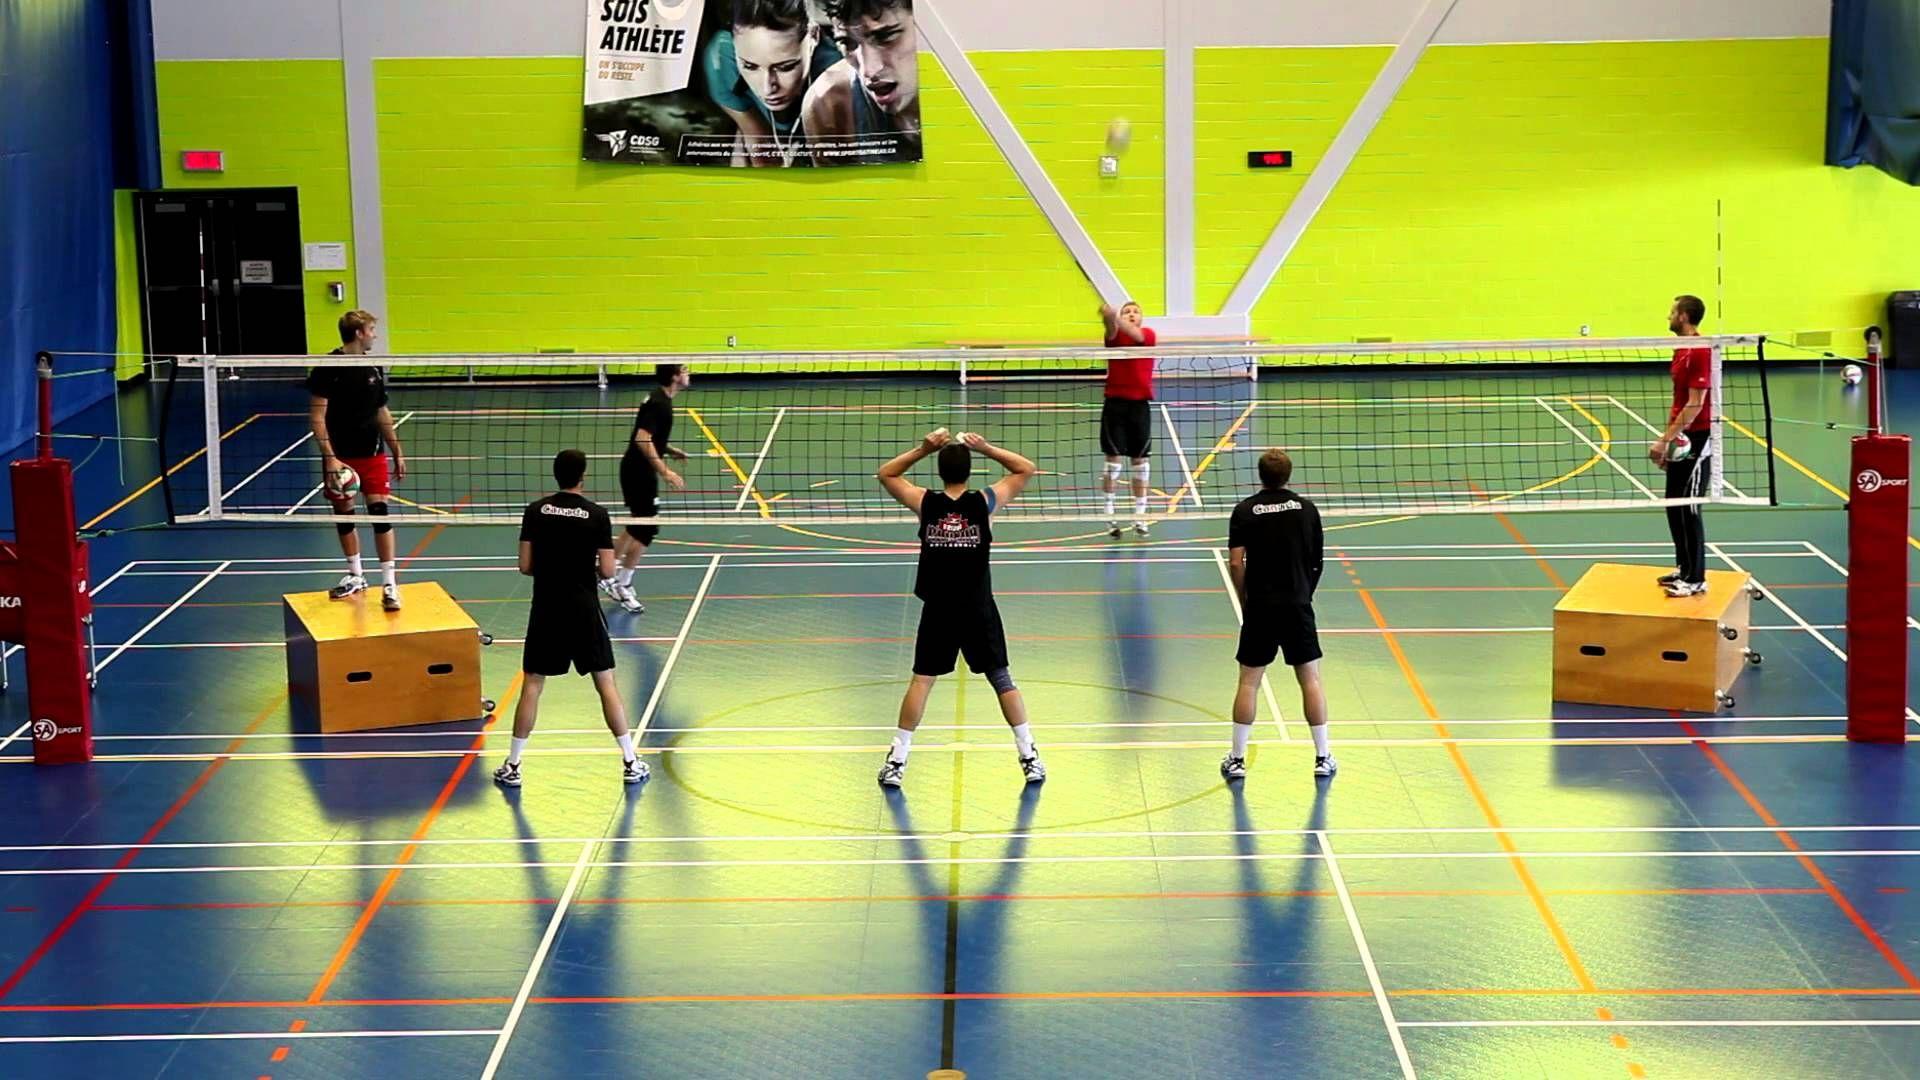 Volleyball Source Blocking Progression Drill English Voley Voleibol Voleyball